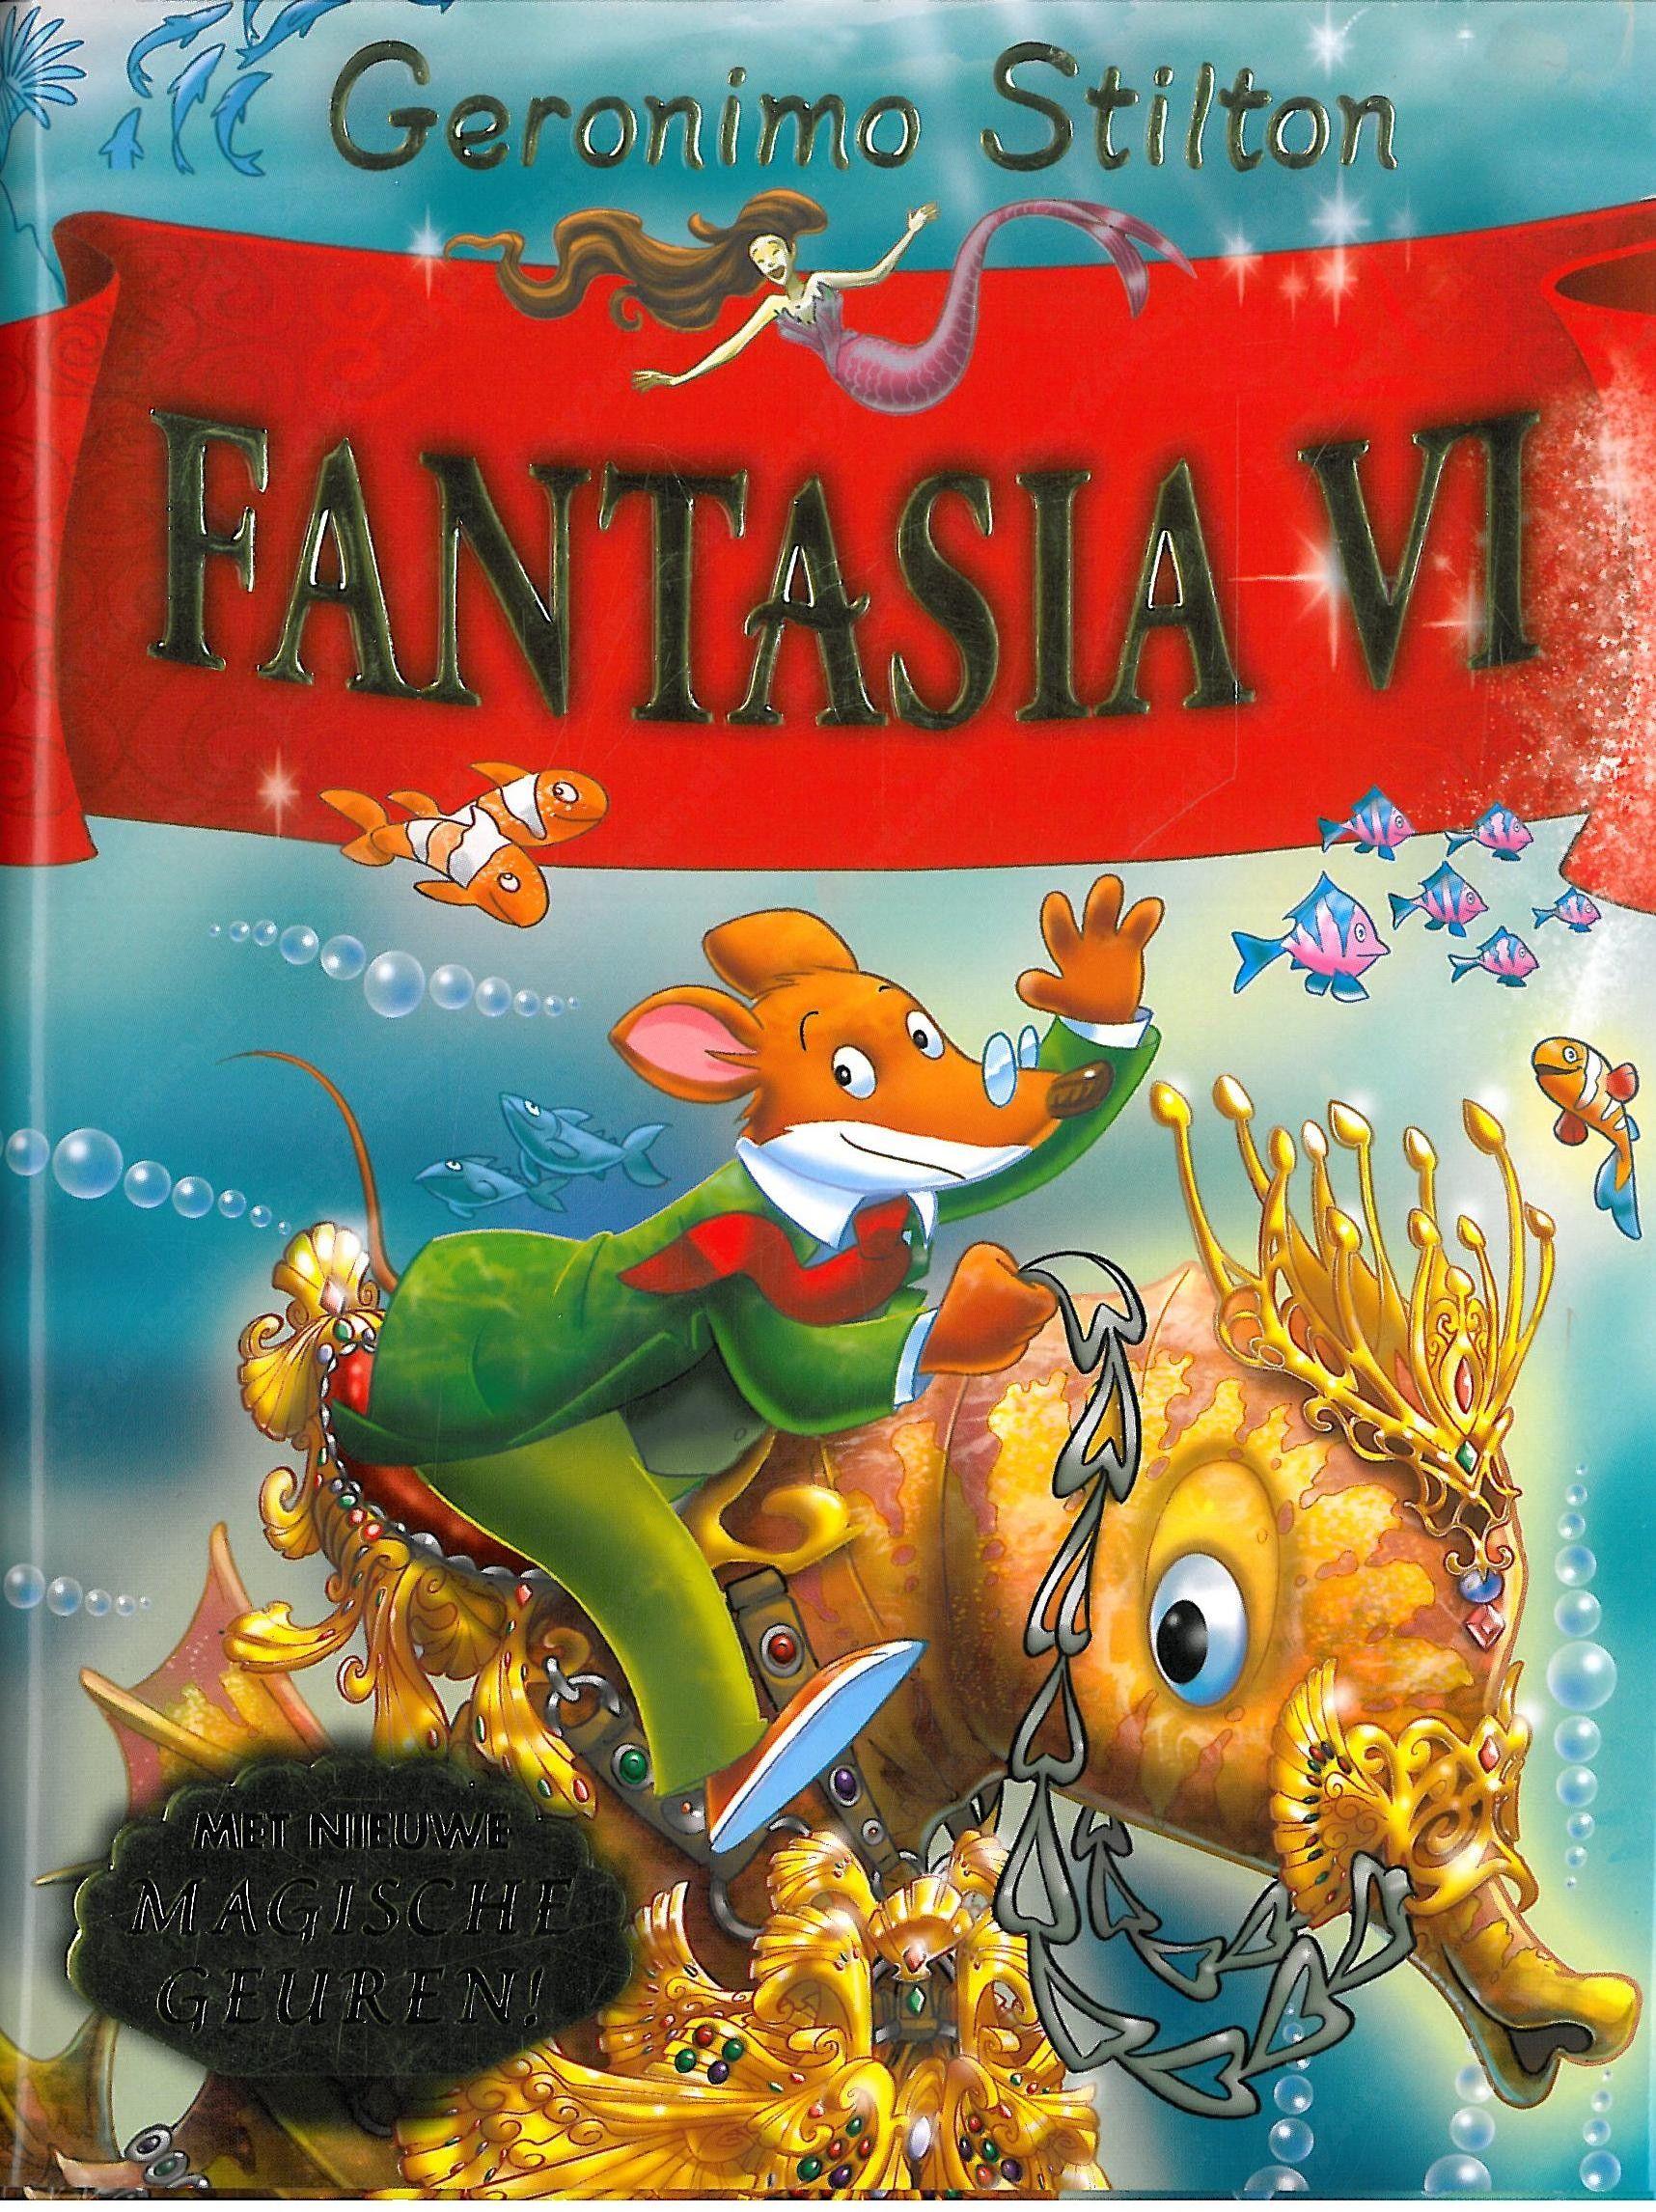 Een Van De Populairste Boeken Van Deze Schrijver Fantasia Geronimo Fantasia Boek Voor Kinderen